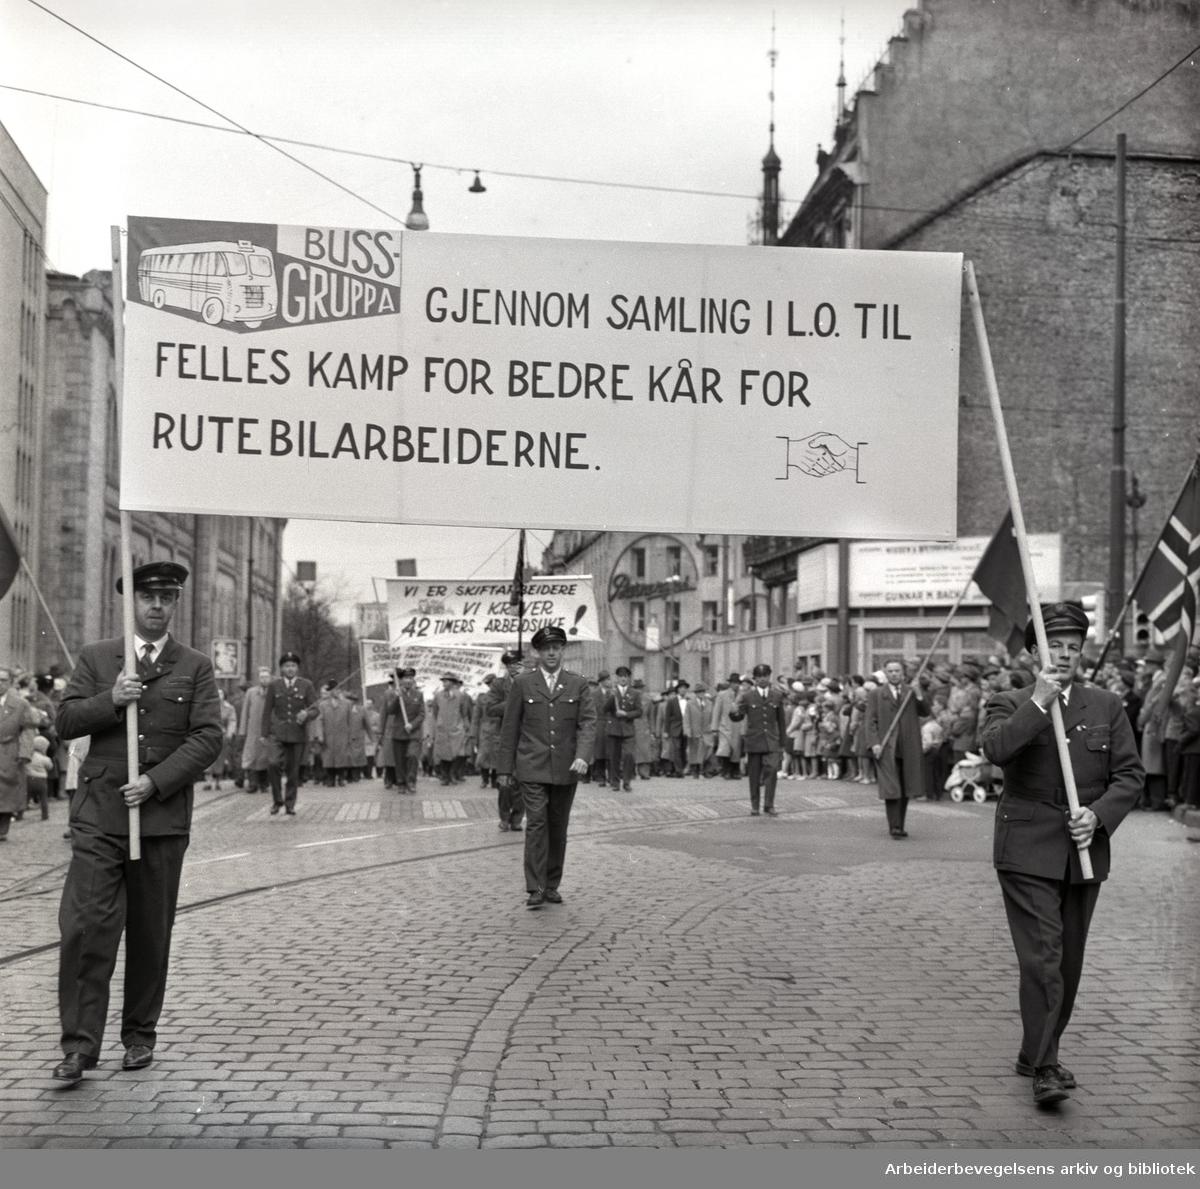 1. mai 1959 i Oslo.Karl Johans gate .Demonstrasjonstoget..Parole: Bussgruppa. Gjennom samling i LO til felles kamp for bedre kår for rutebilansatte......